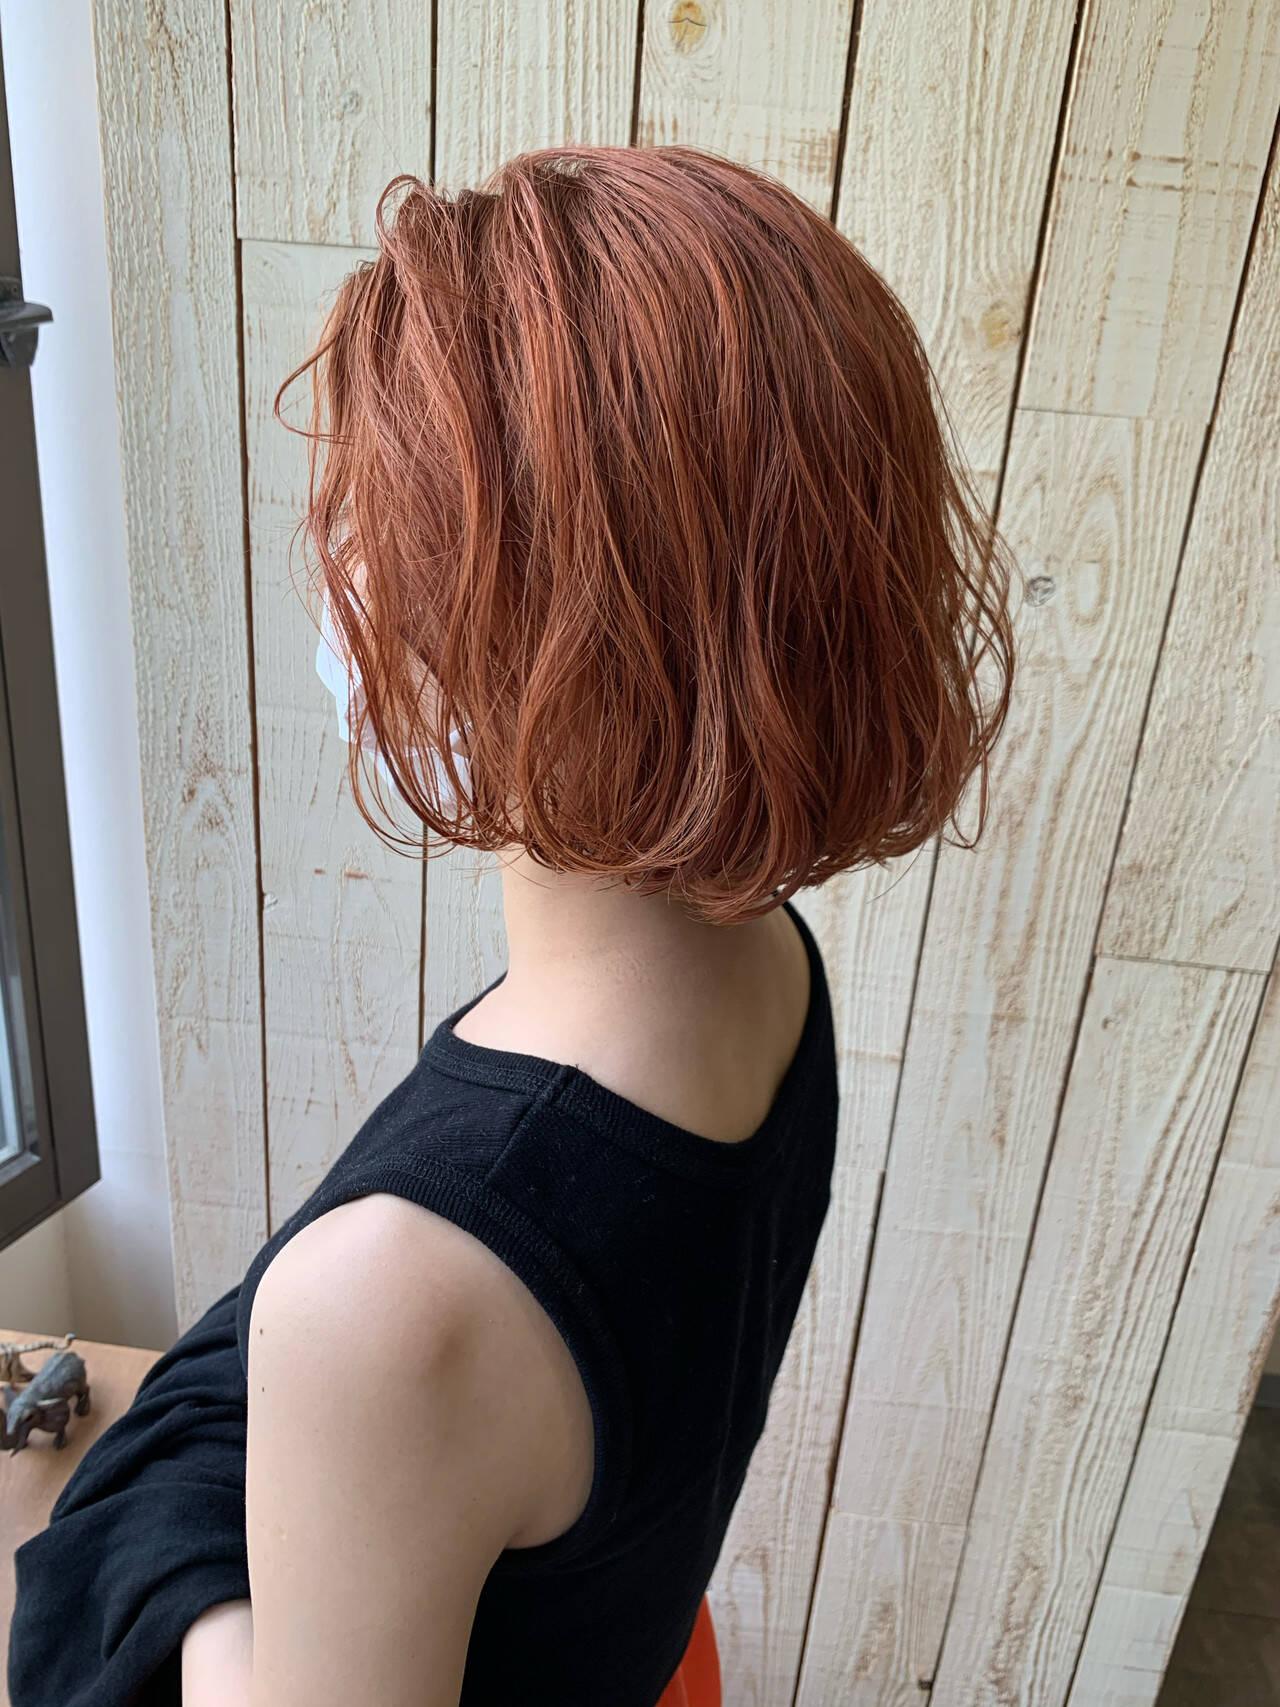 ボブ ショートヘア オレンジカラー オレンジベージュヘアスタイルや髪型の写真・画像